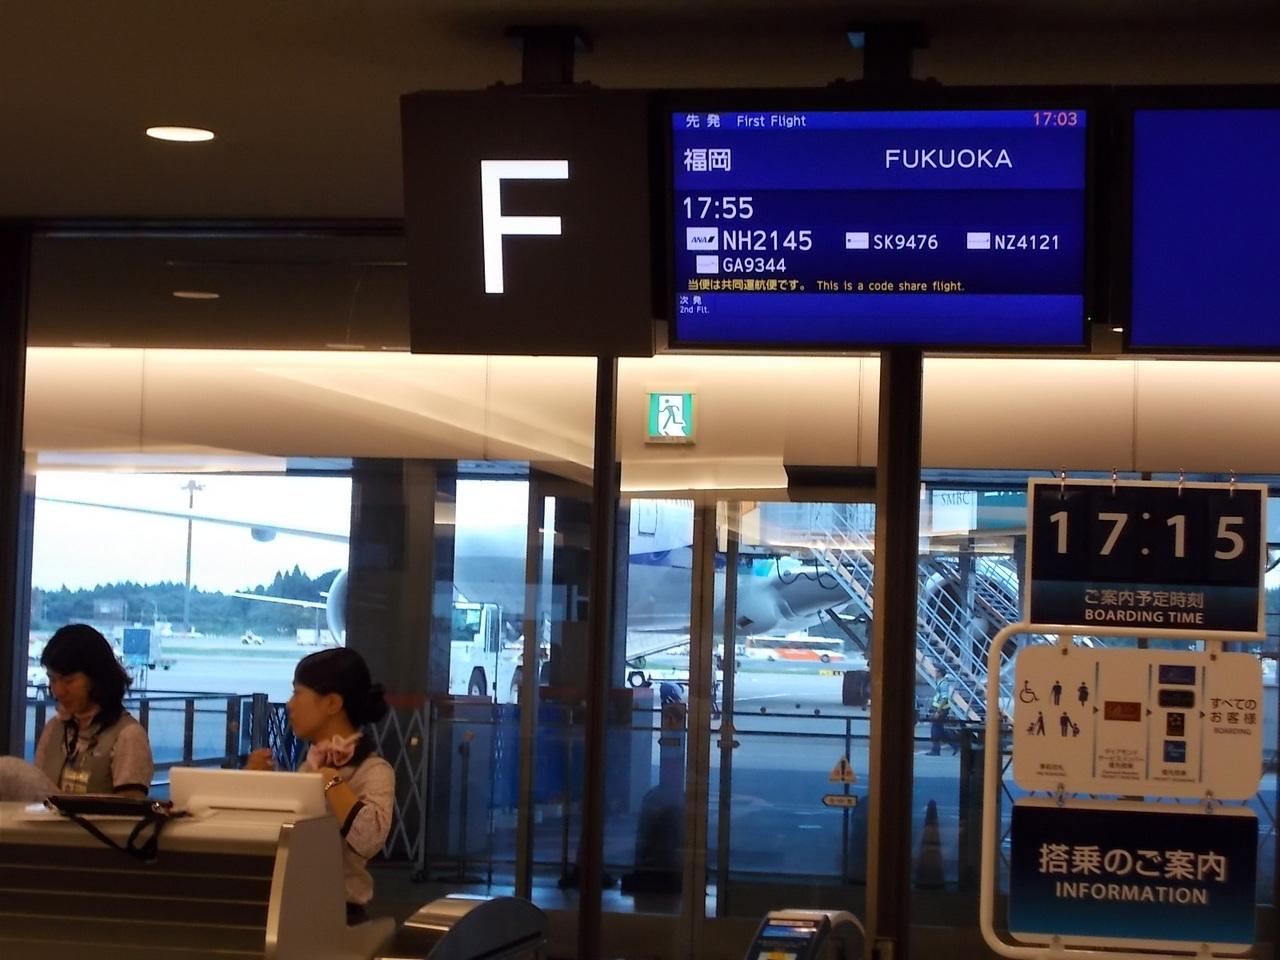 「タビノート」下川裕治:第73回 福岡修行を経験した